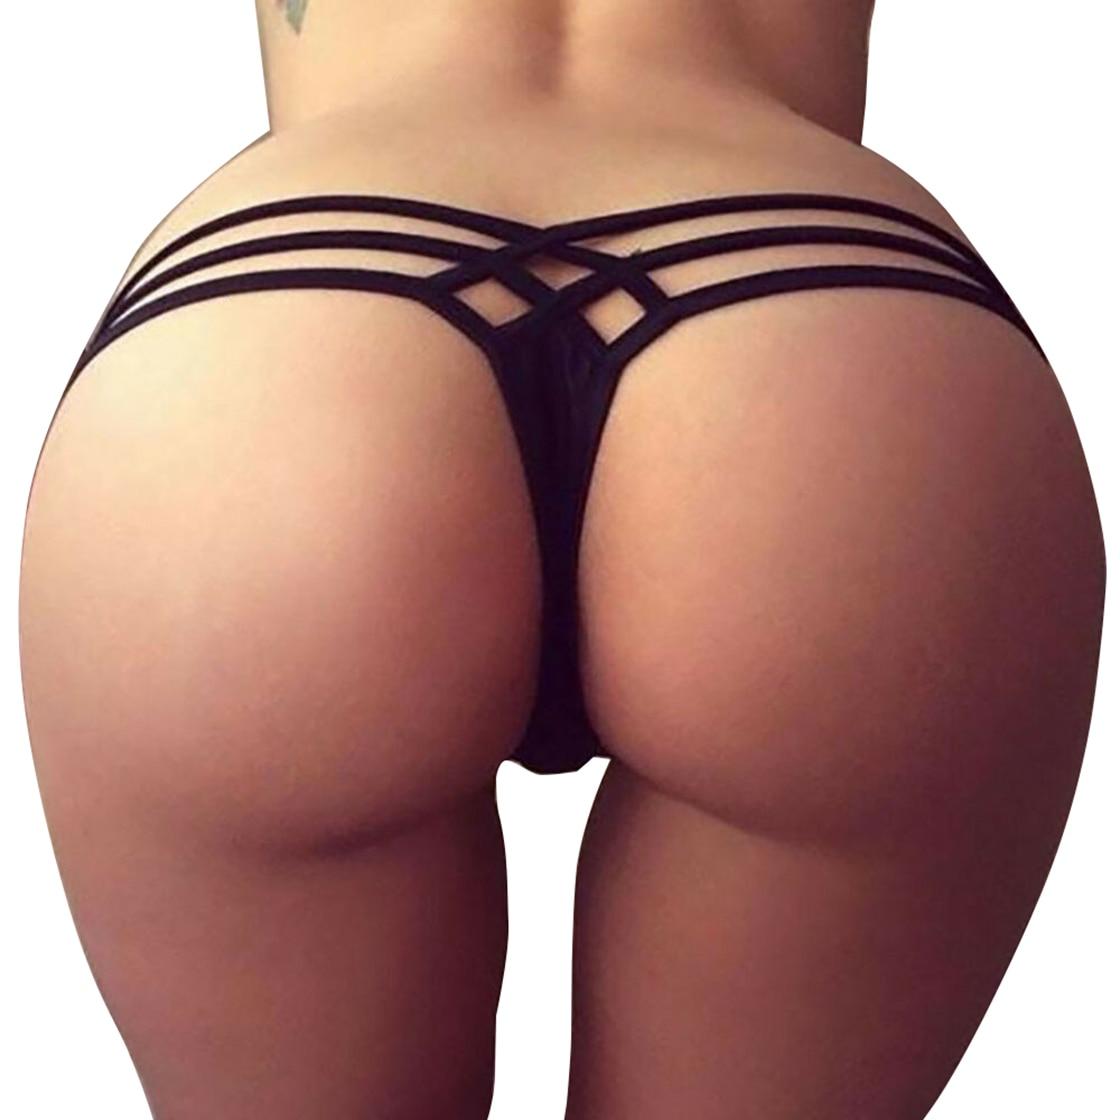 Женские плавки-бикини с низкой талией для девочек, купальник для плавания, черный бикини, бразильские плавки, сексуальный купальник, плавки-... 14